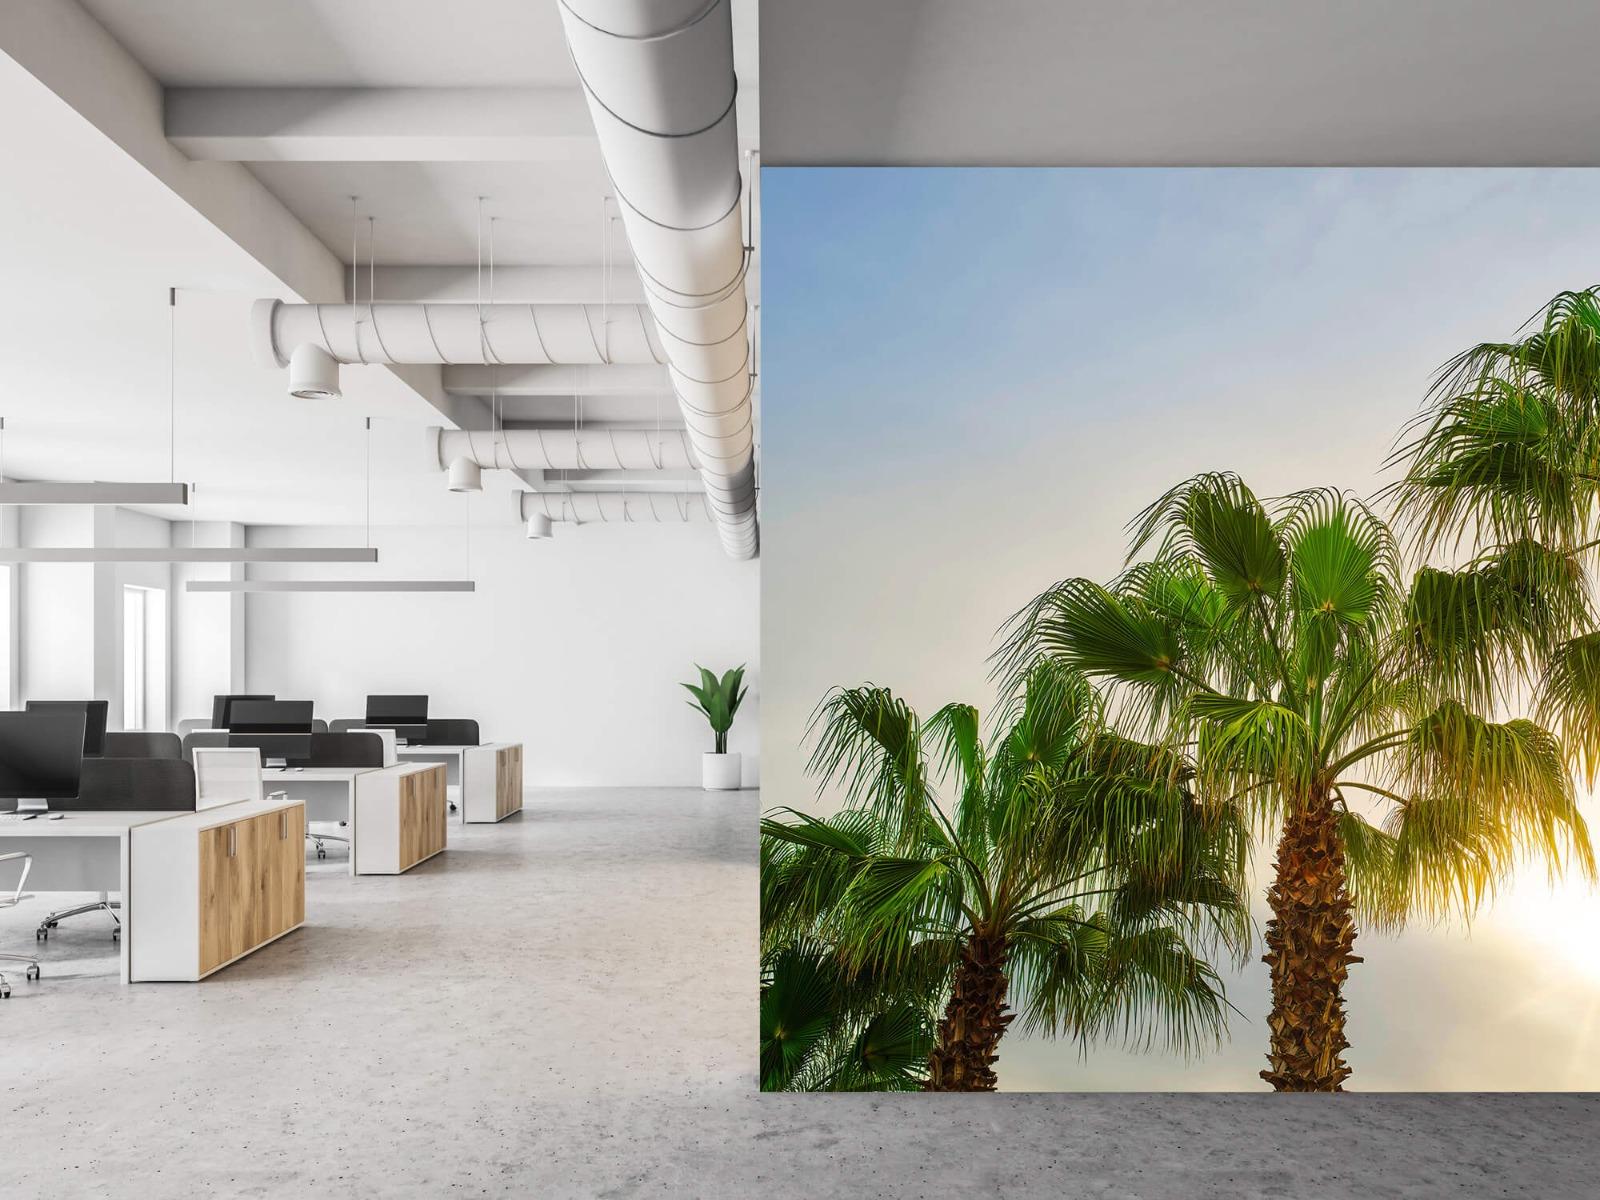 Palmbomen - Palmbomen met zon - Gang 21